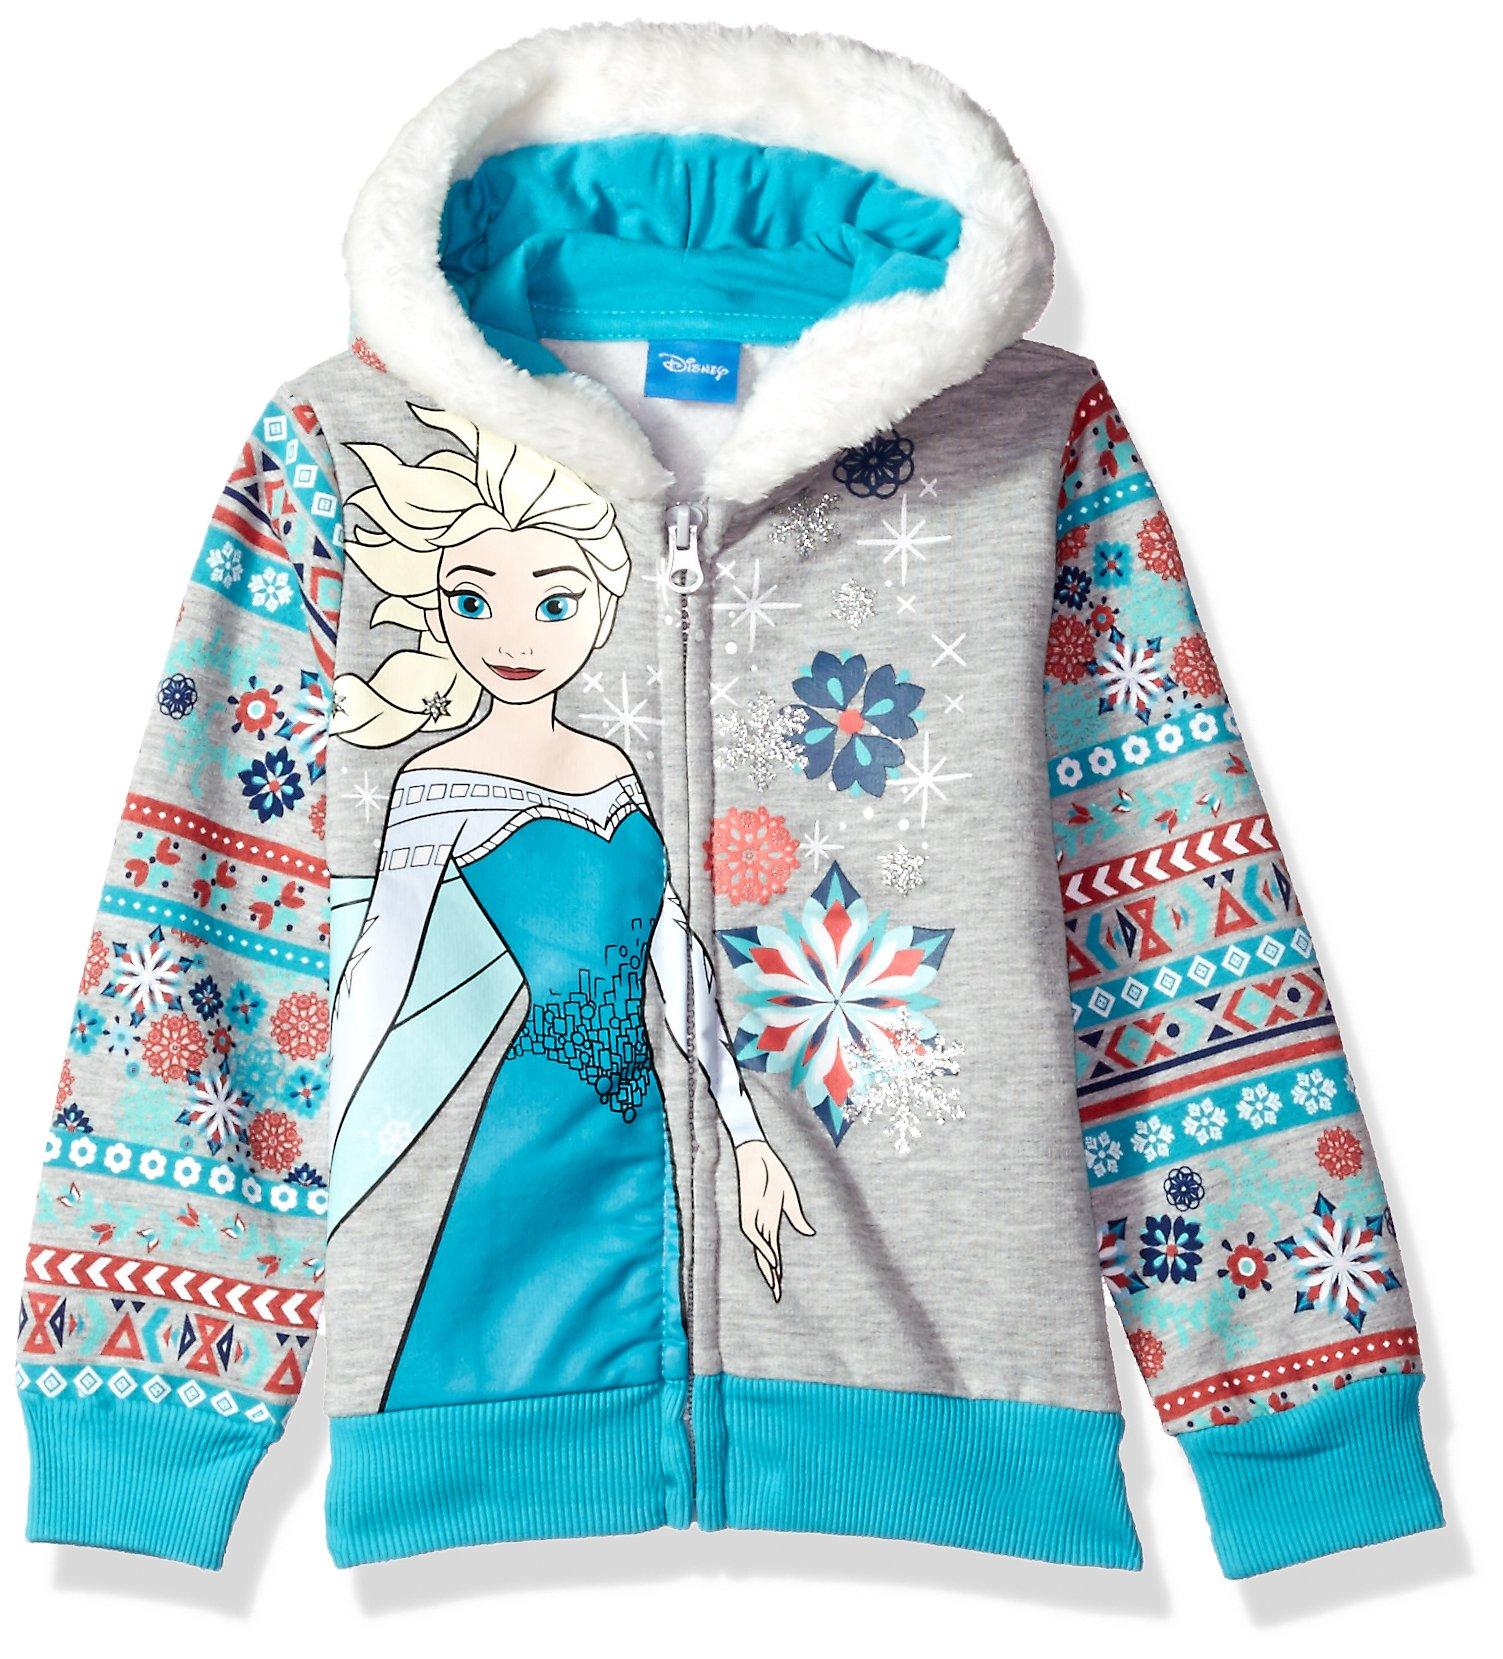 Disney Little Girls' Elsa Frozen Zip up Hoodie, Grey, 6